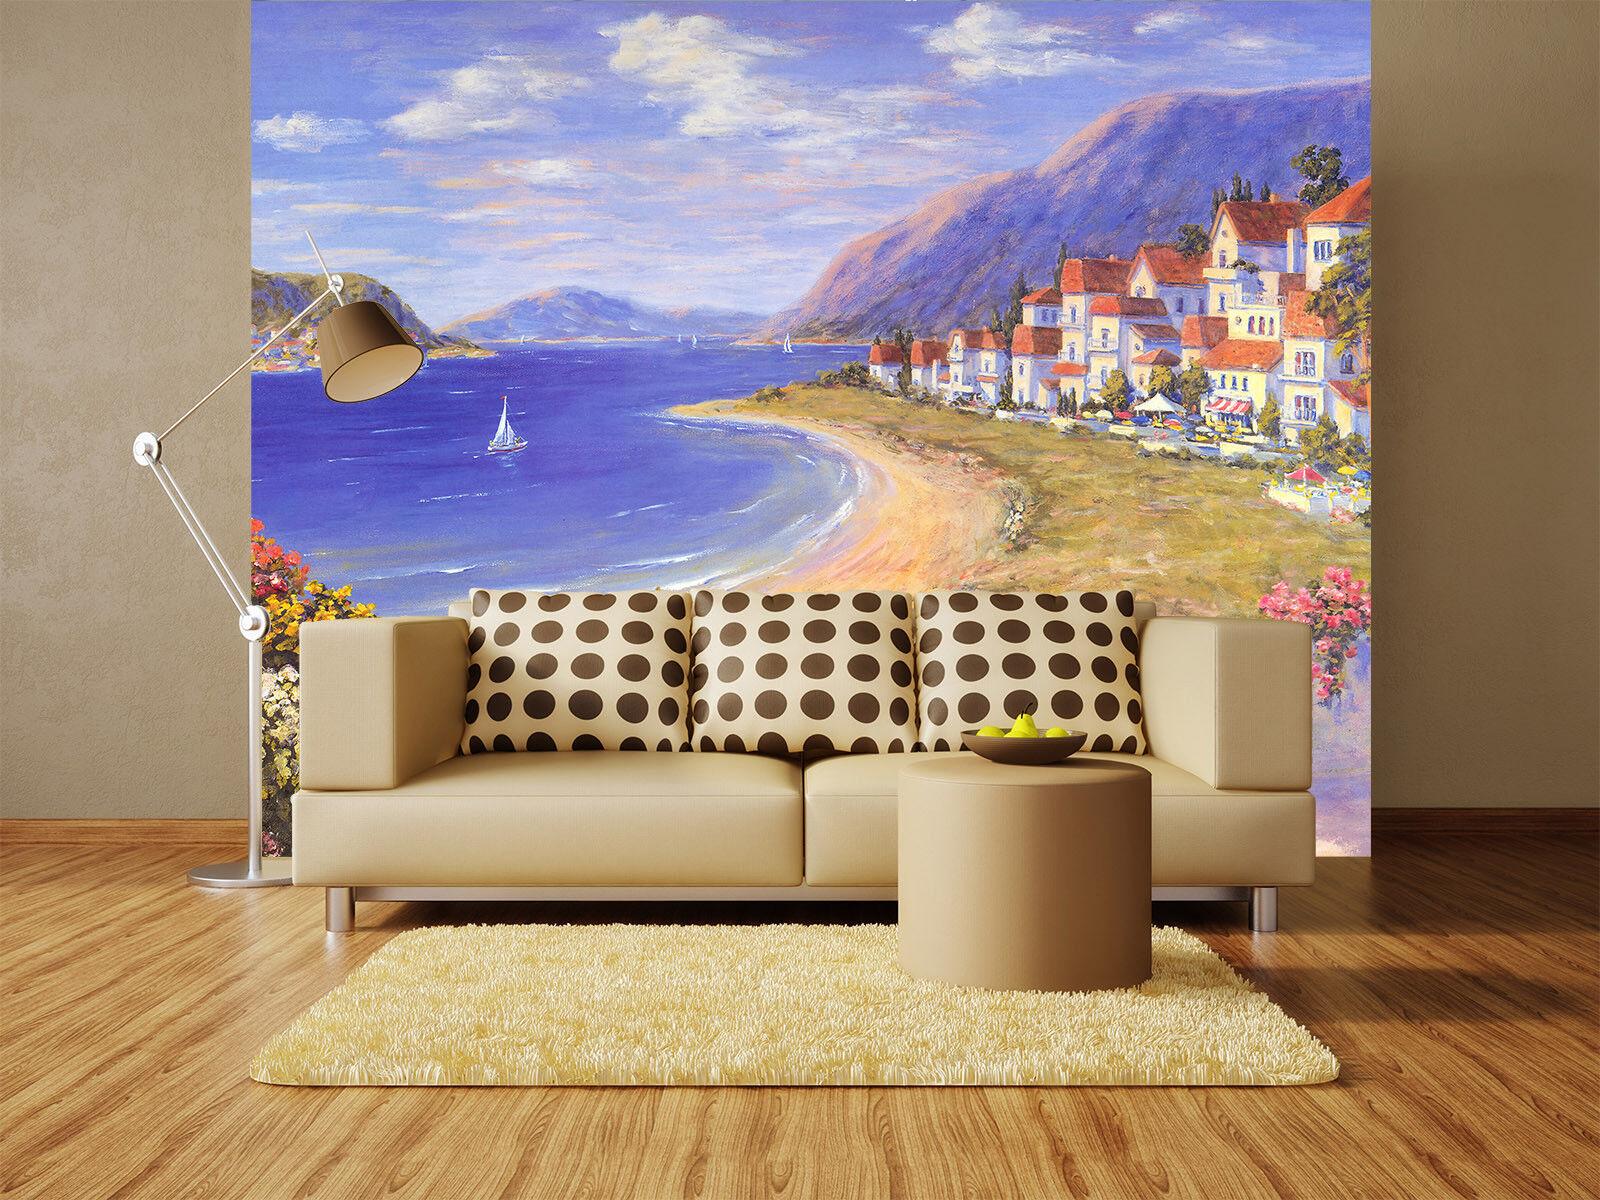 3D Villa Strand Landschaft 74 Tapete Wandgemälde Tapete Tapeten Bild Familie DE | Angemessene Lieferung und pünktliche Lieferung  | Shopping Online  | Exquisite (in) Verarbeitung